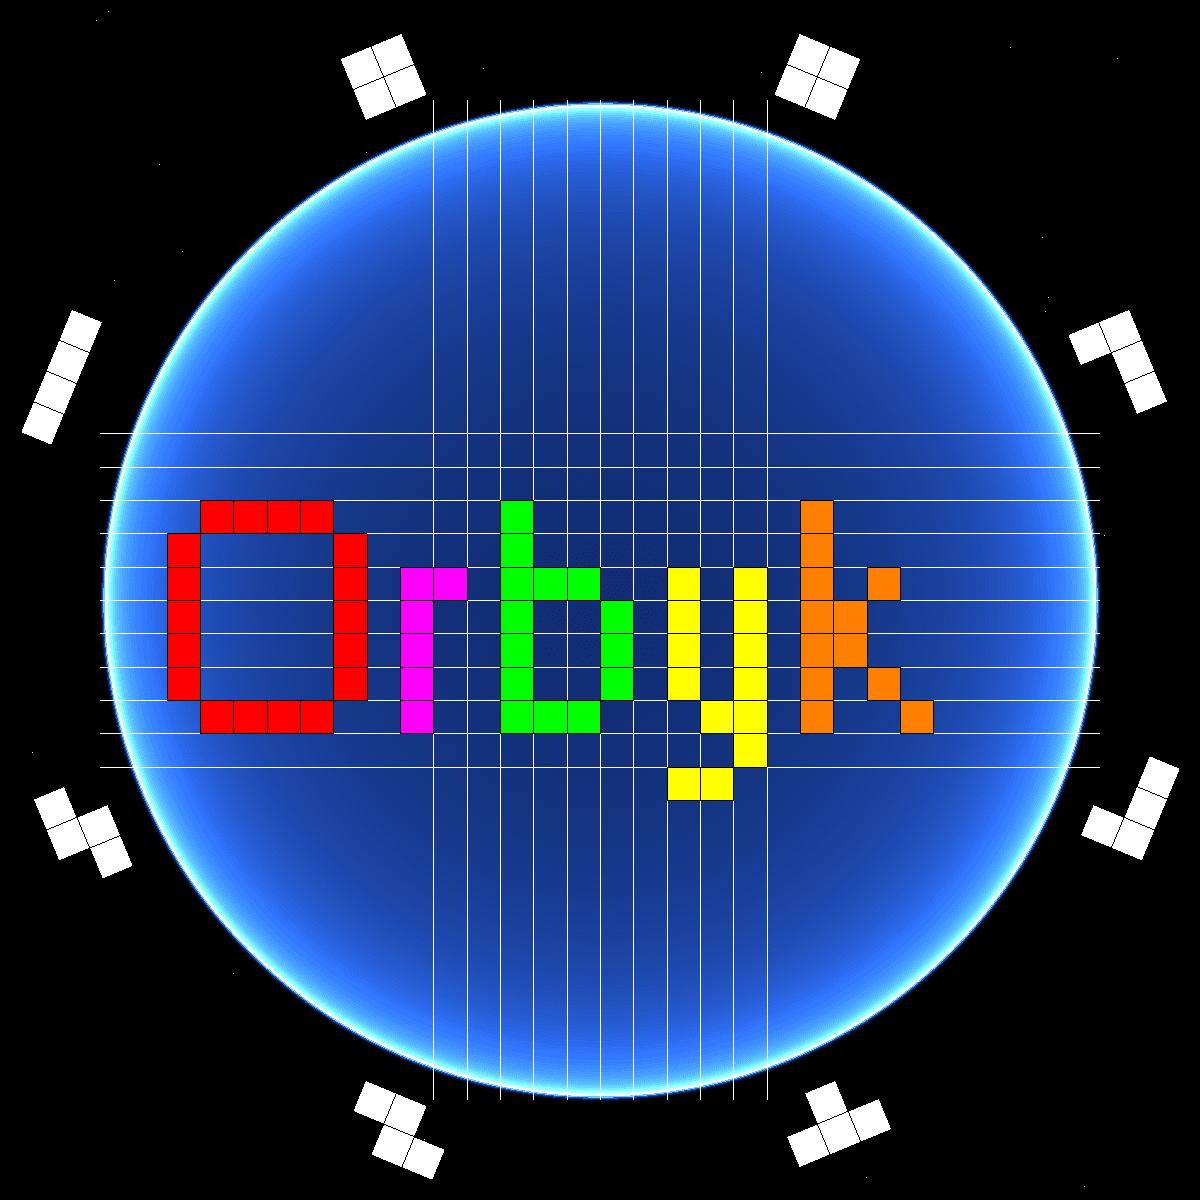 Orbyk